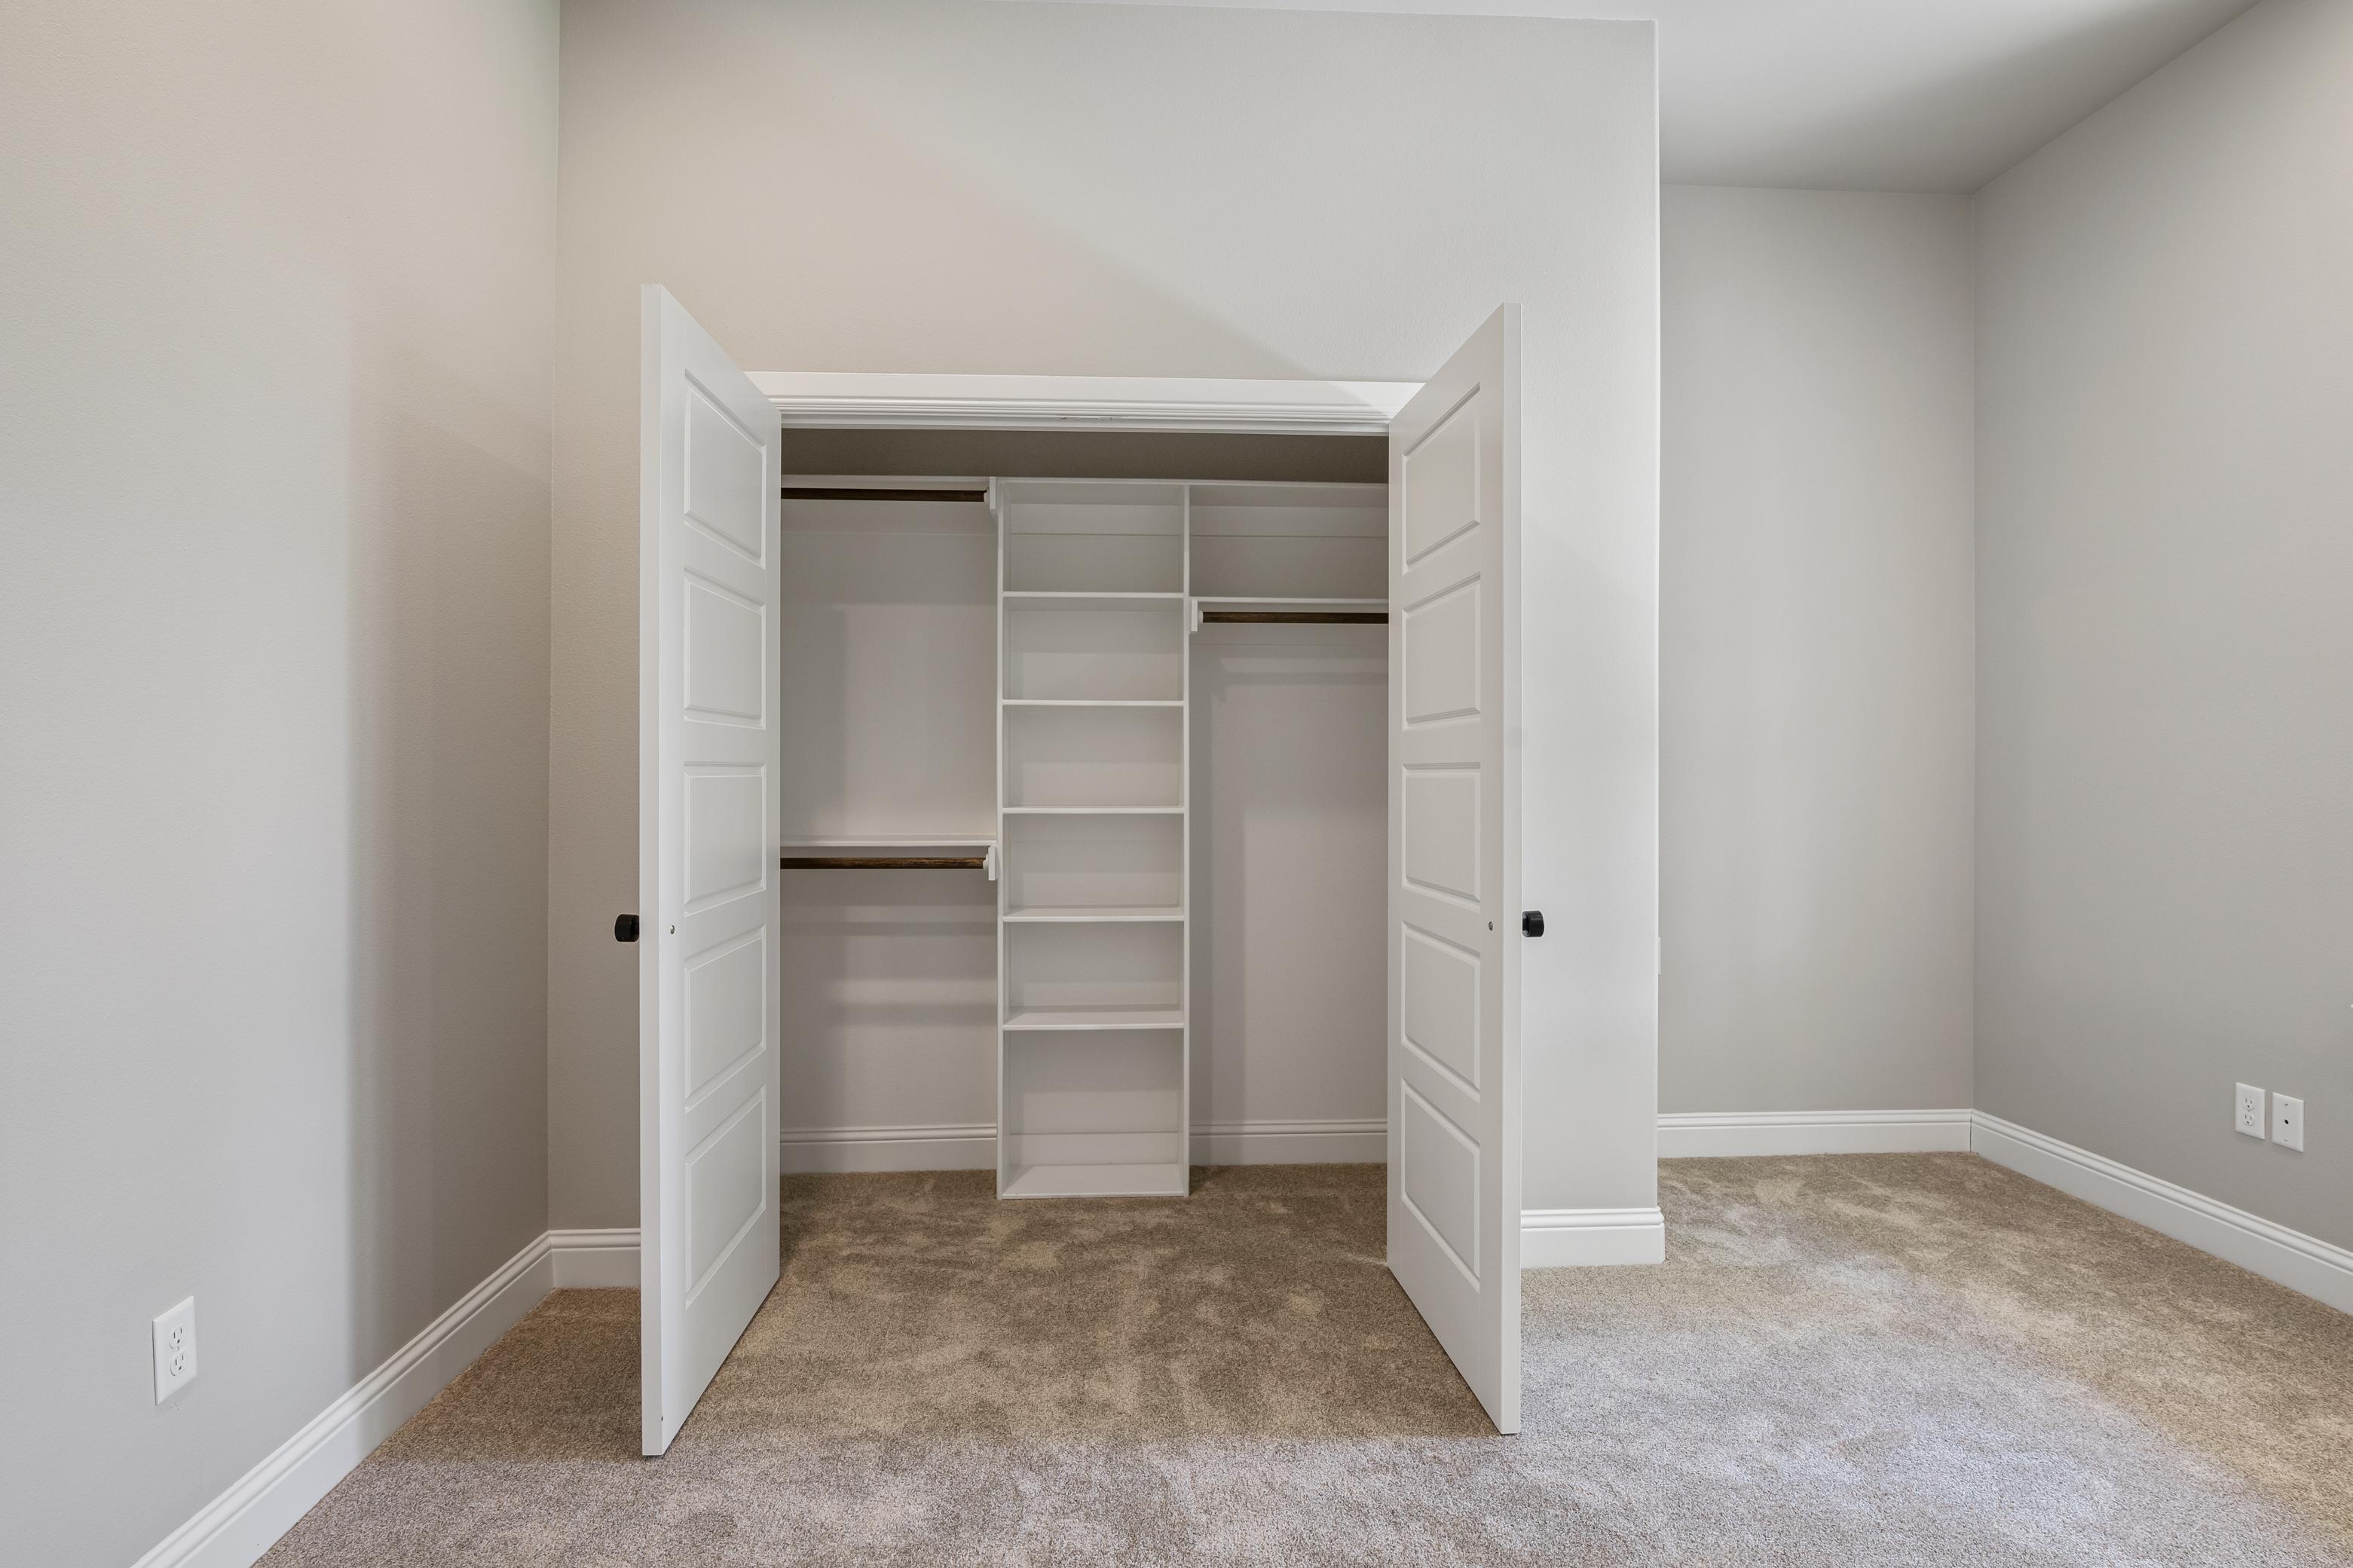 https://0201.nccdn.net/1_2/000/000/0a7/30a/office-closet.jpg